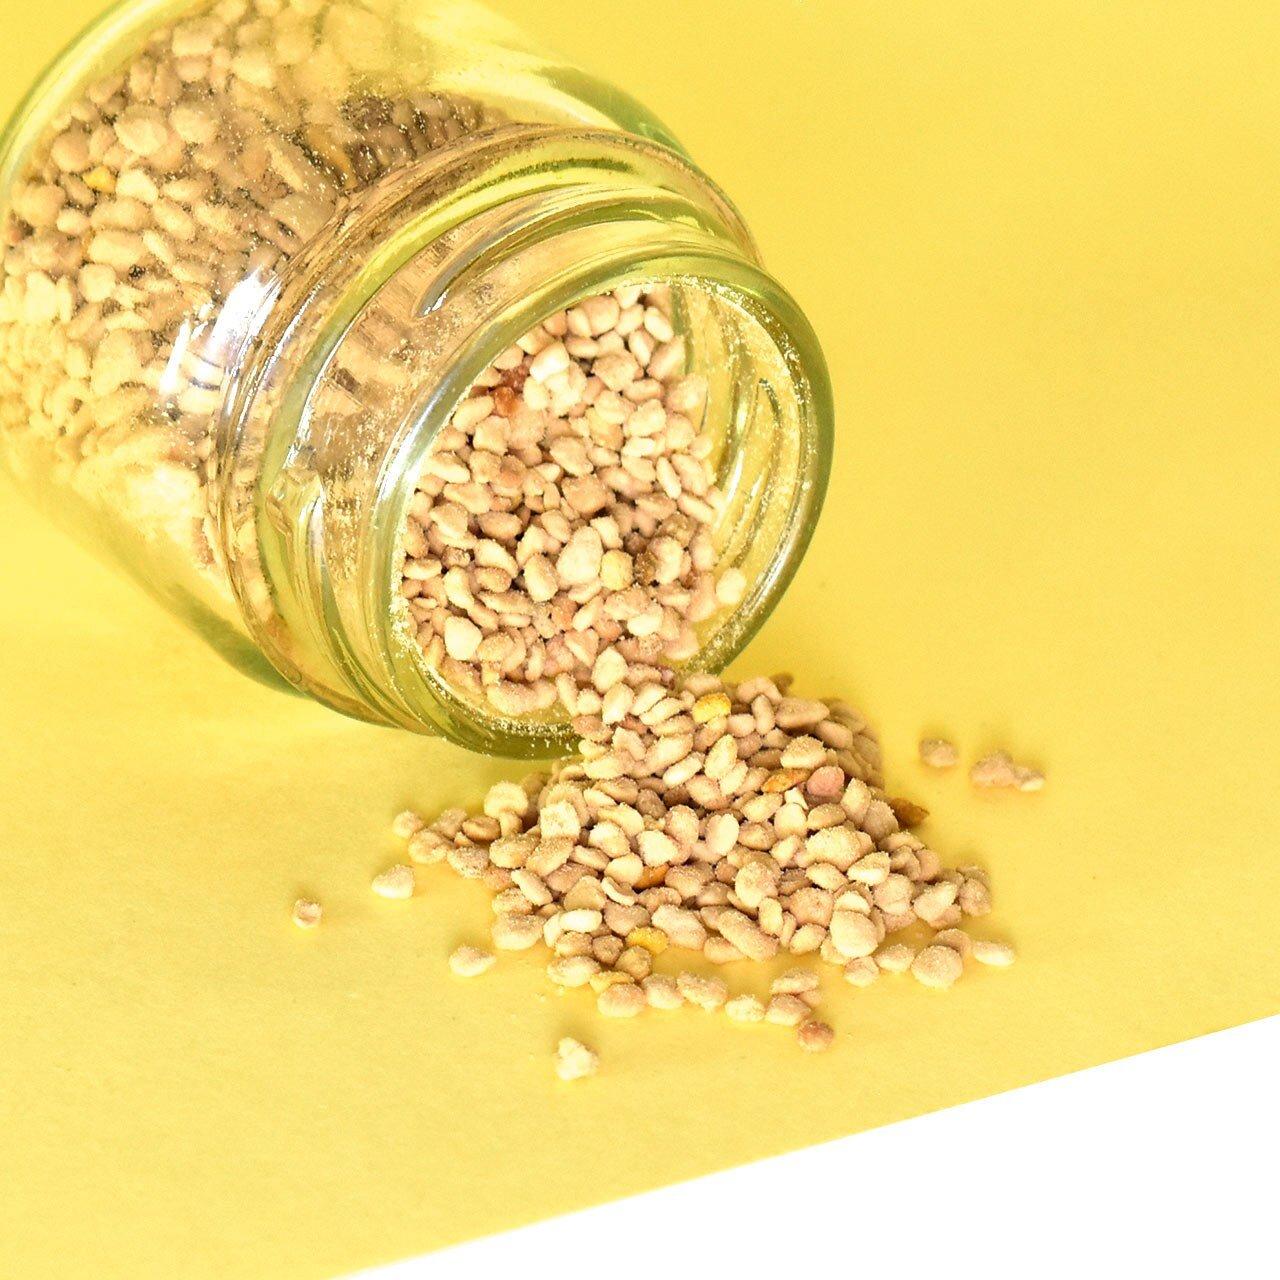 polen-apicola-desidratado